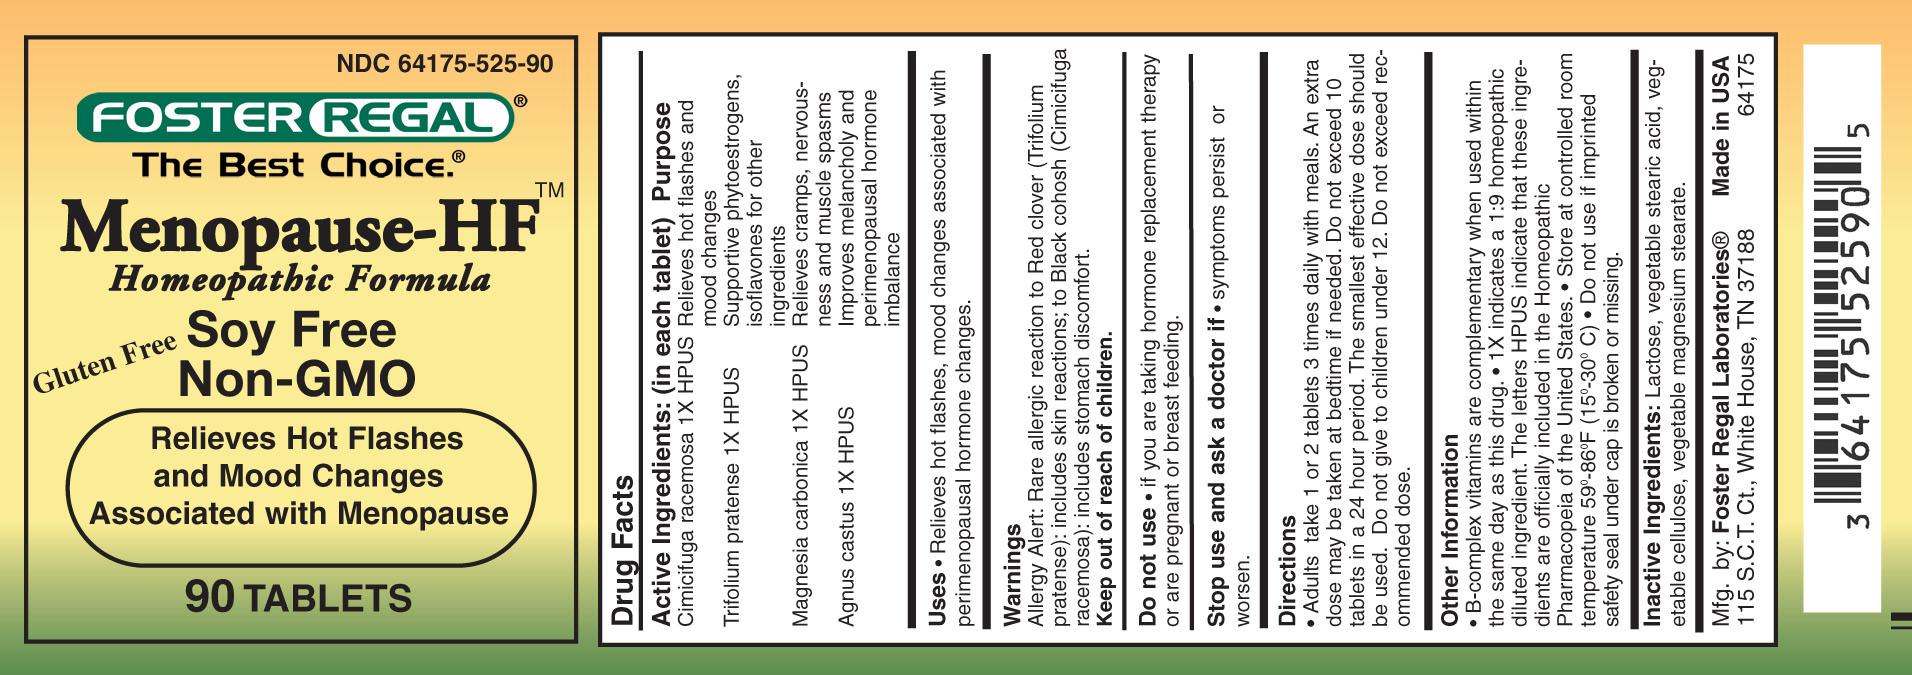 Menopause Hf (Cimicifuga Racemosa, Trifolium Pratense, Magnesia Carbonica, Agnus Castus) Tablet [Foster Regal Laboratories]